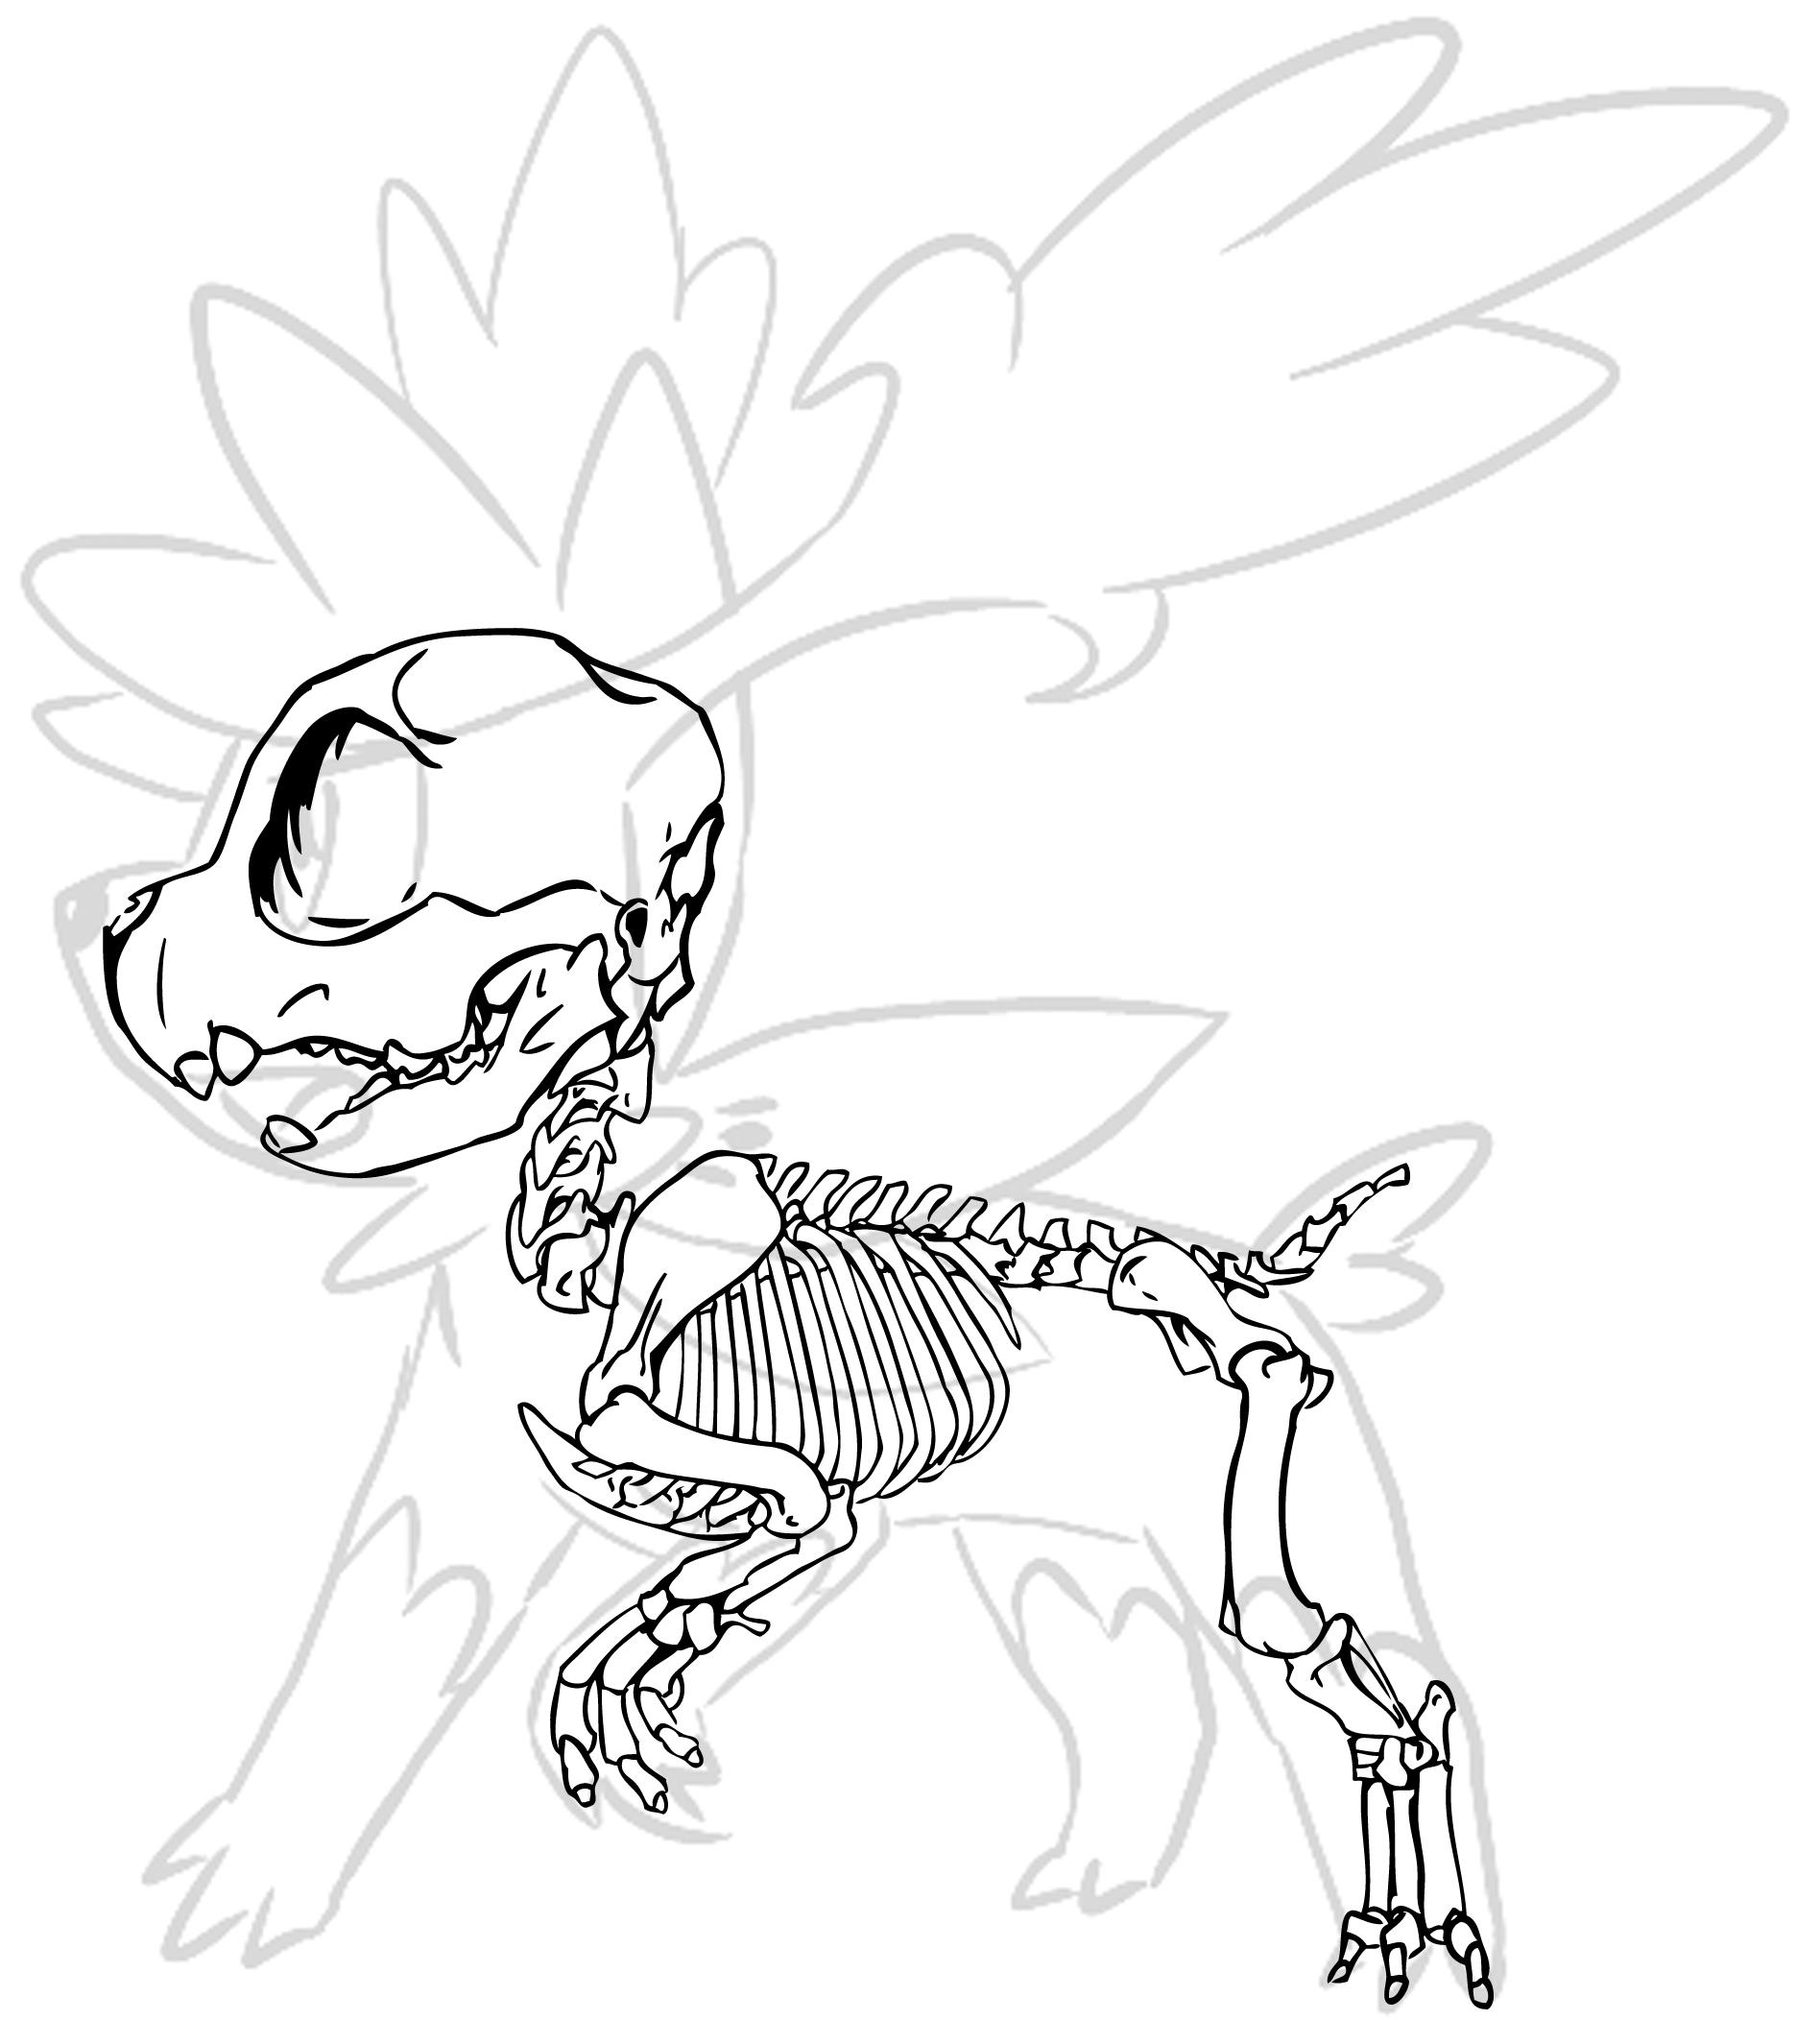 Some Pokemon Skeletons - The PokéCommunity Forums